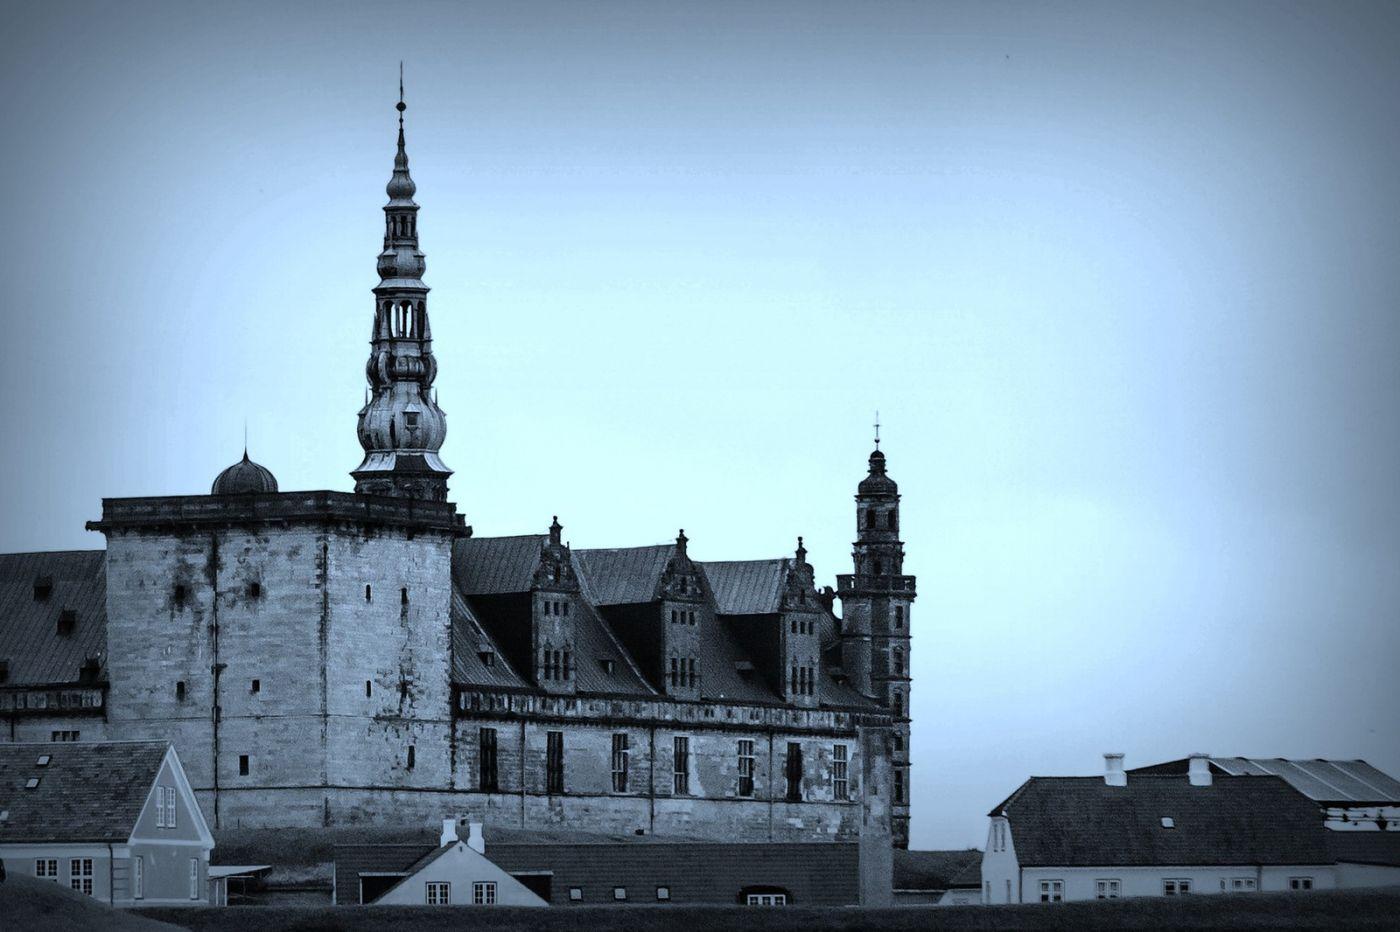 丹麦哥本哈根,坐船看市景_图1-11